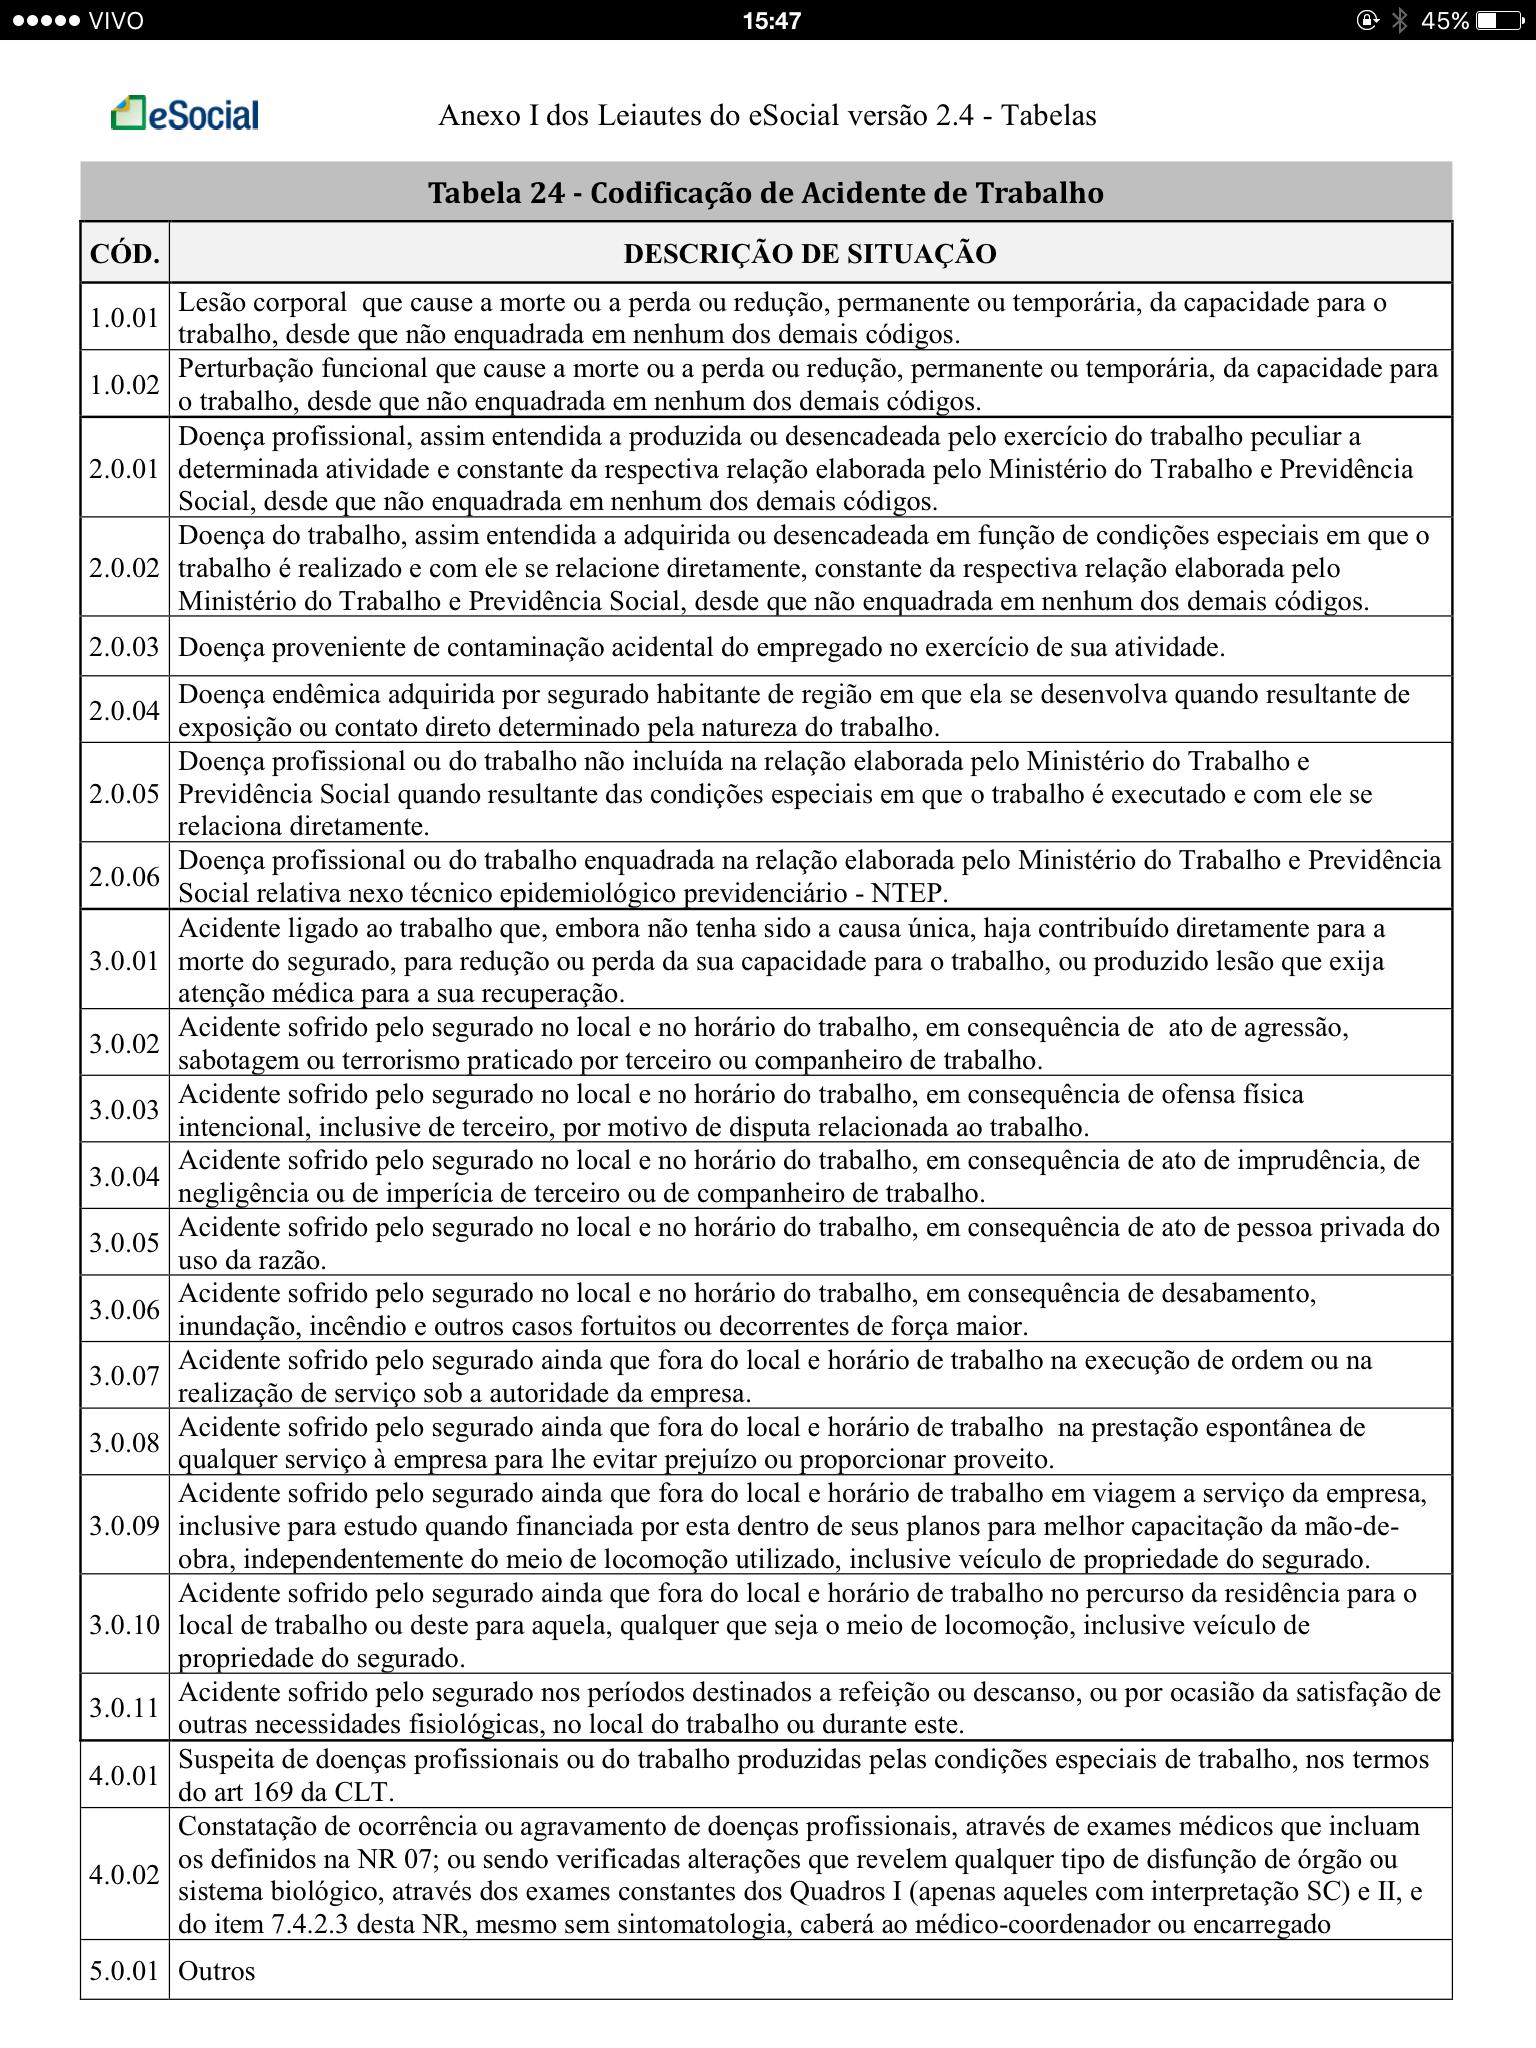 Tabela 24 - Codificação de Acidente de Trabalho